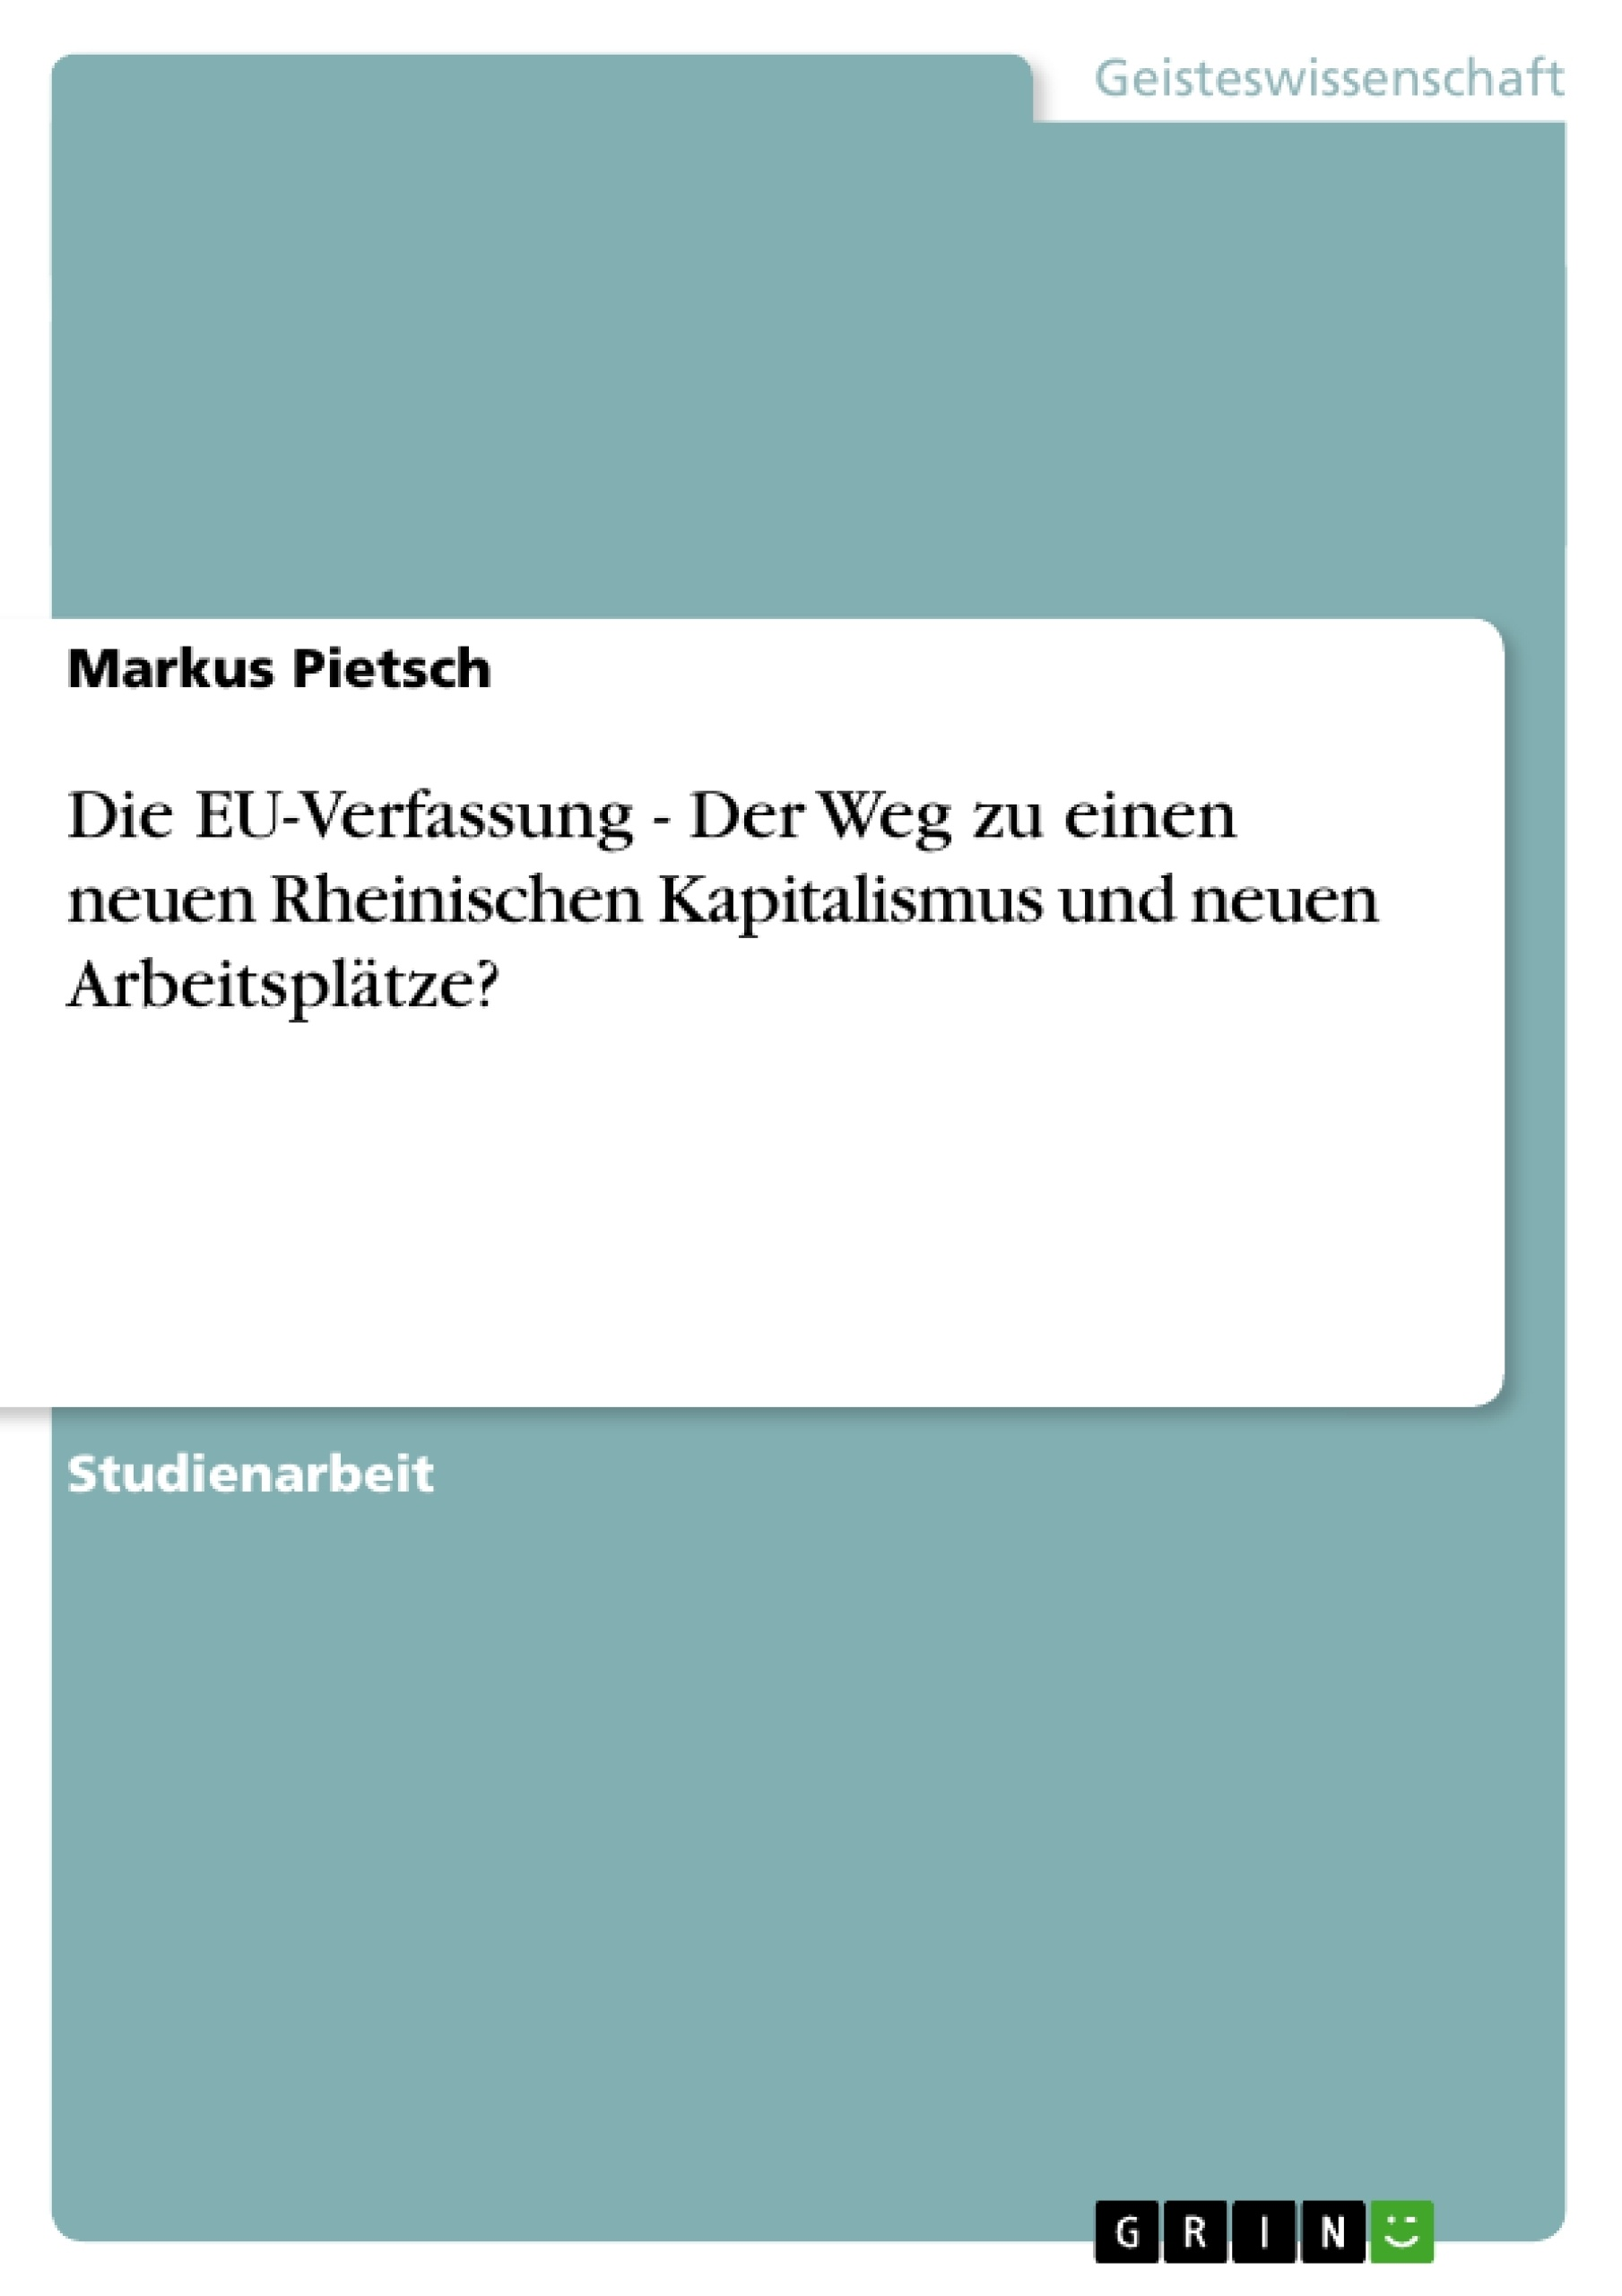 Titel: Die EU-Verfassung - Der Weg zu einen neuen Rheinischen Kapitalismus und neuen Arbeitsplätze?